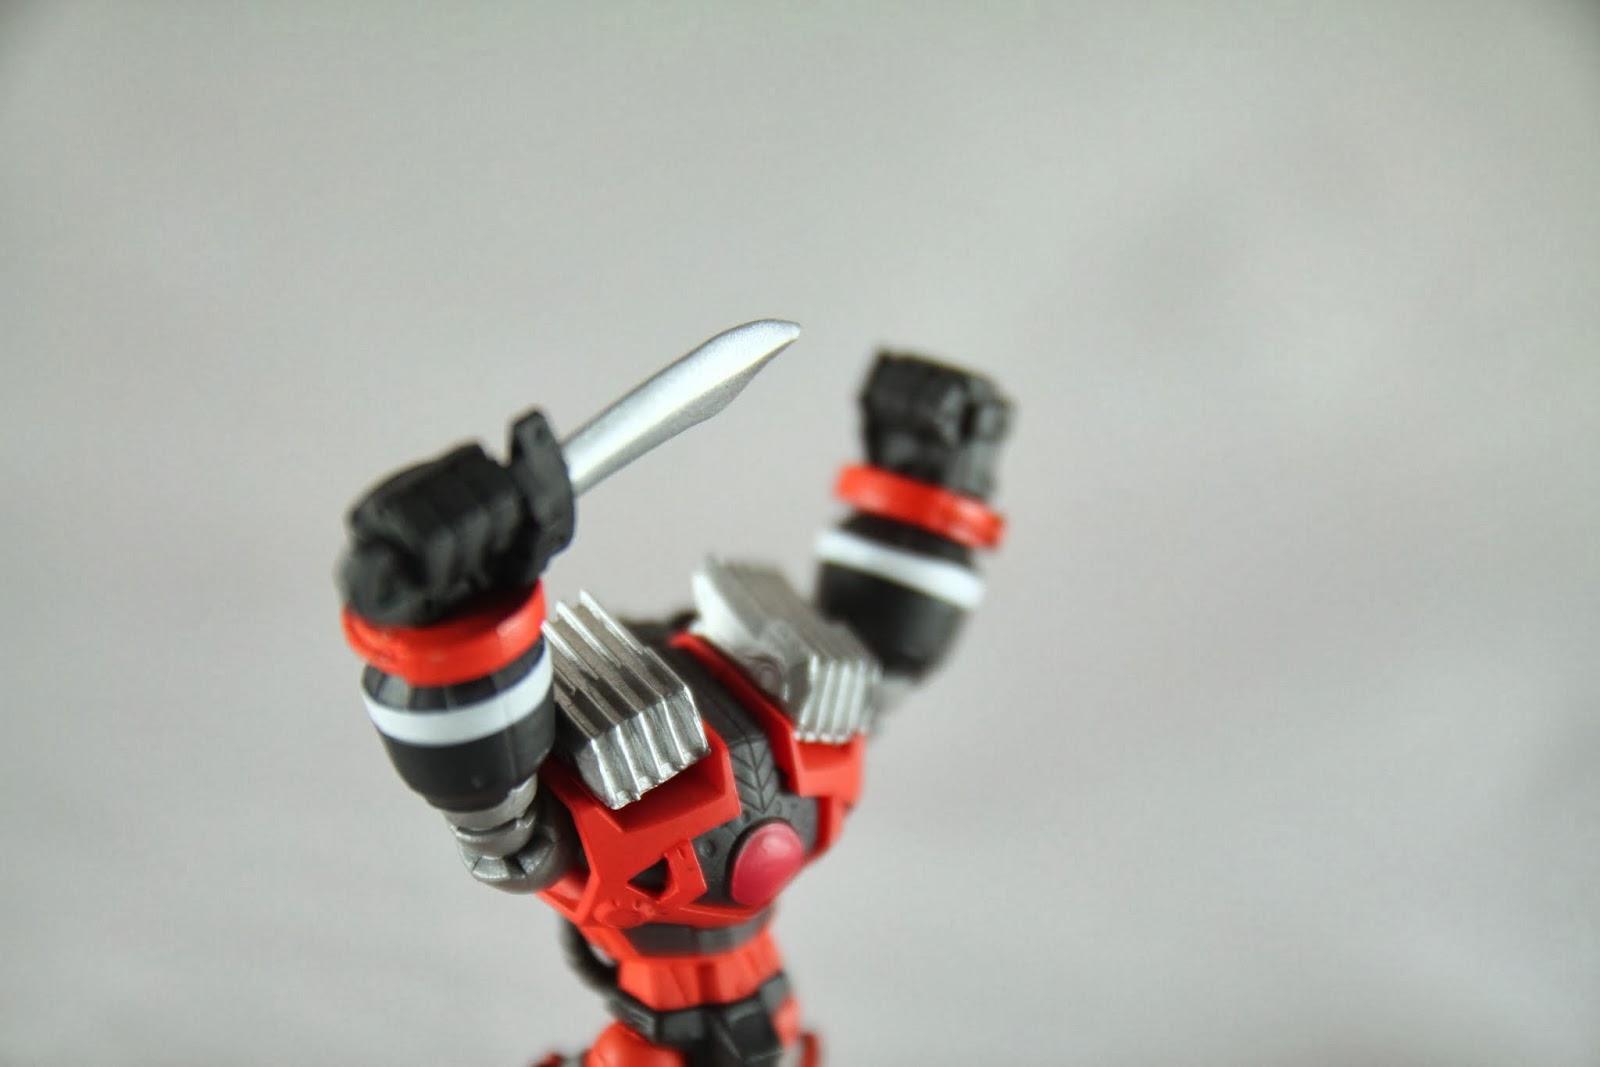 武裝就一把刀 好棒棒!